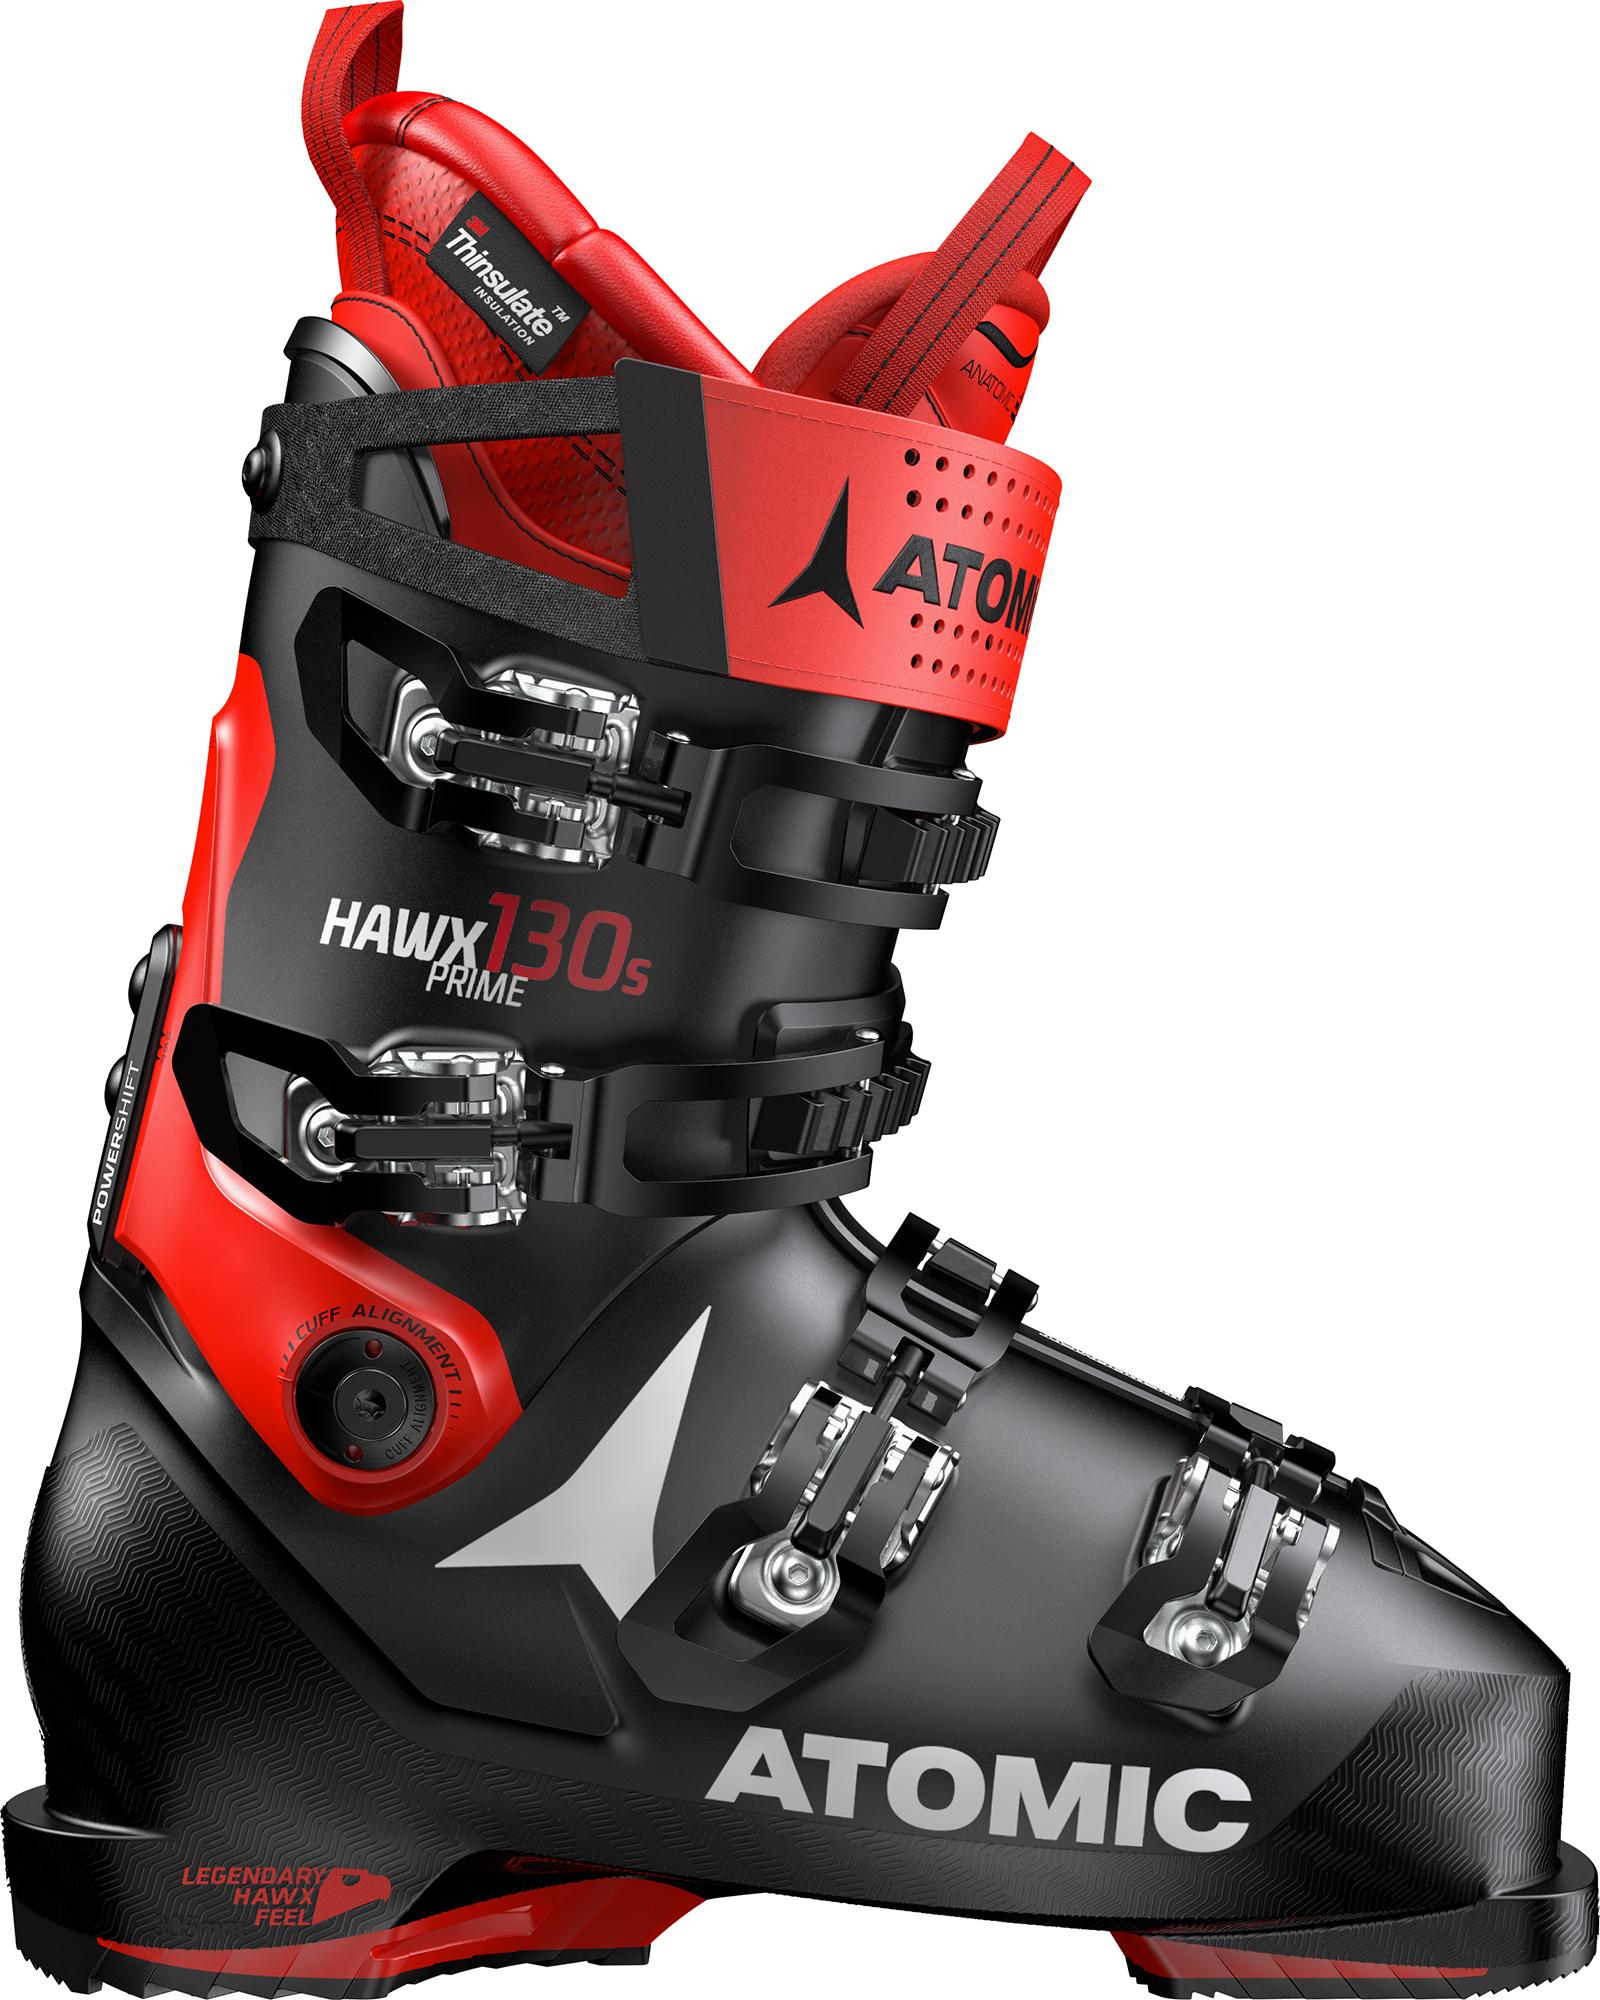 Atomic Ботинки горнолыжные HAWX PRIME 130 S, размер 29 см